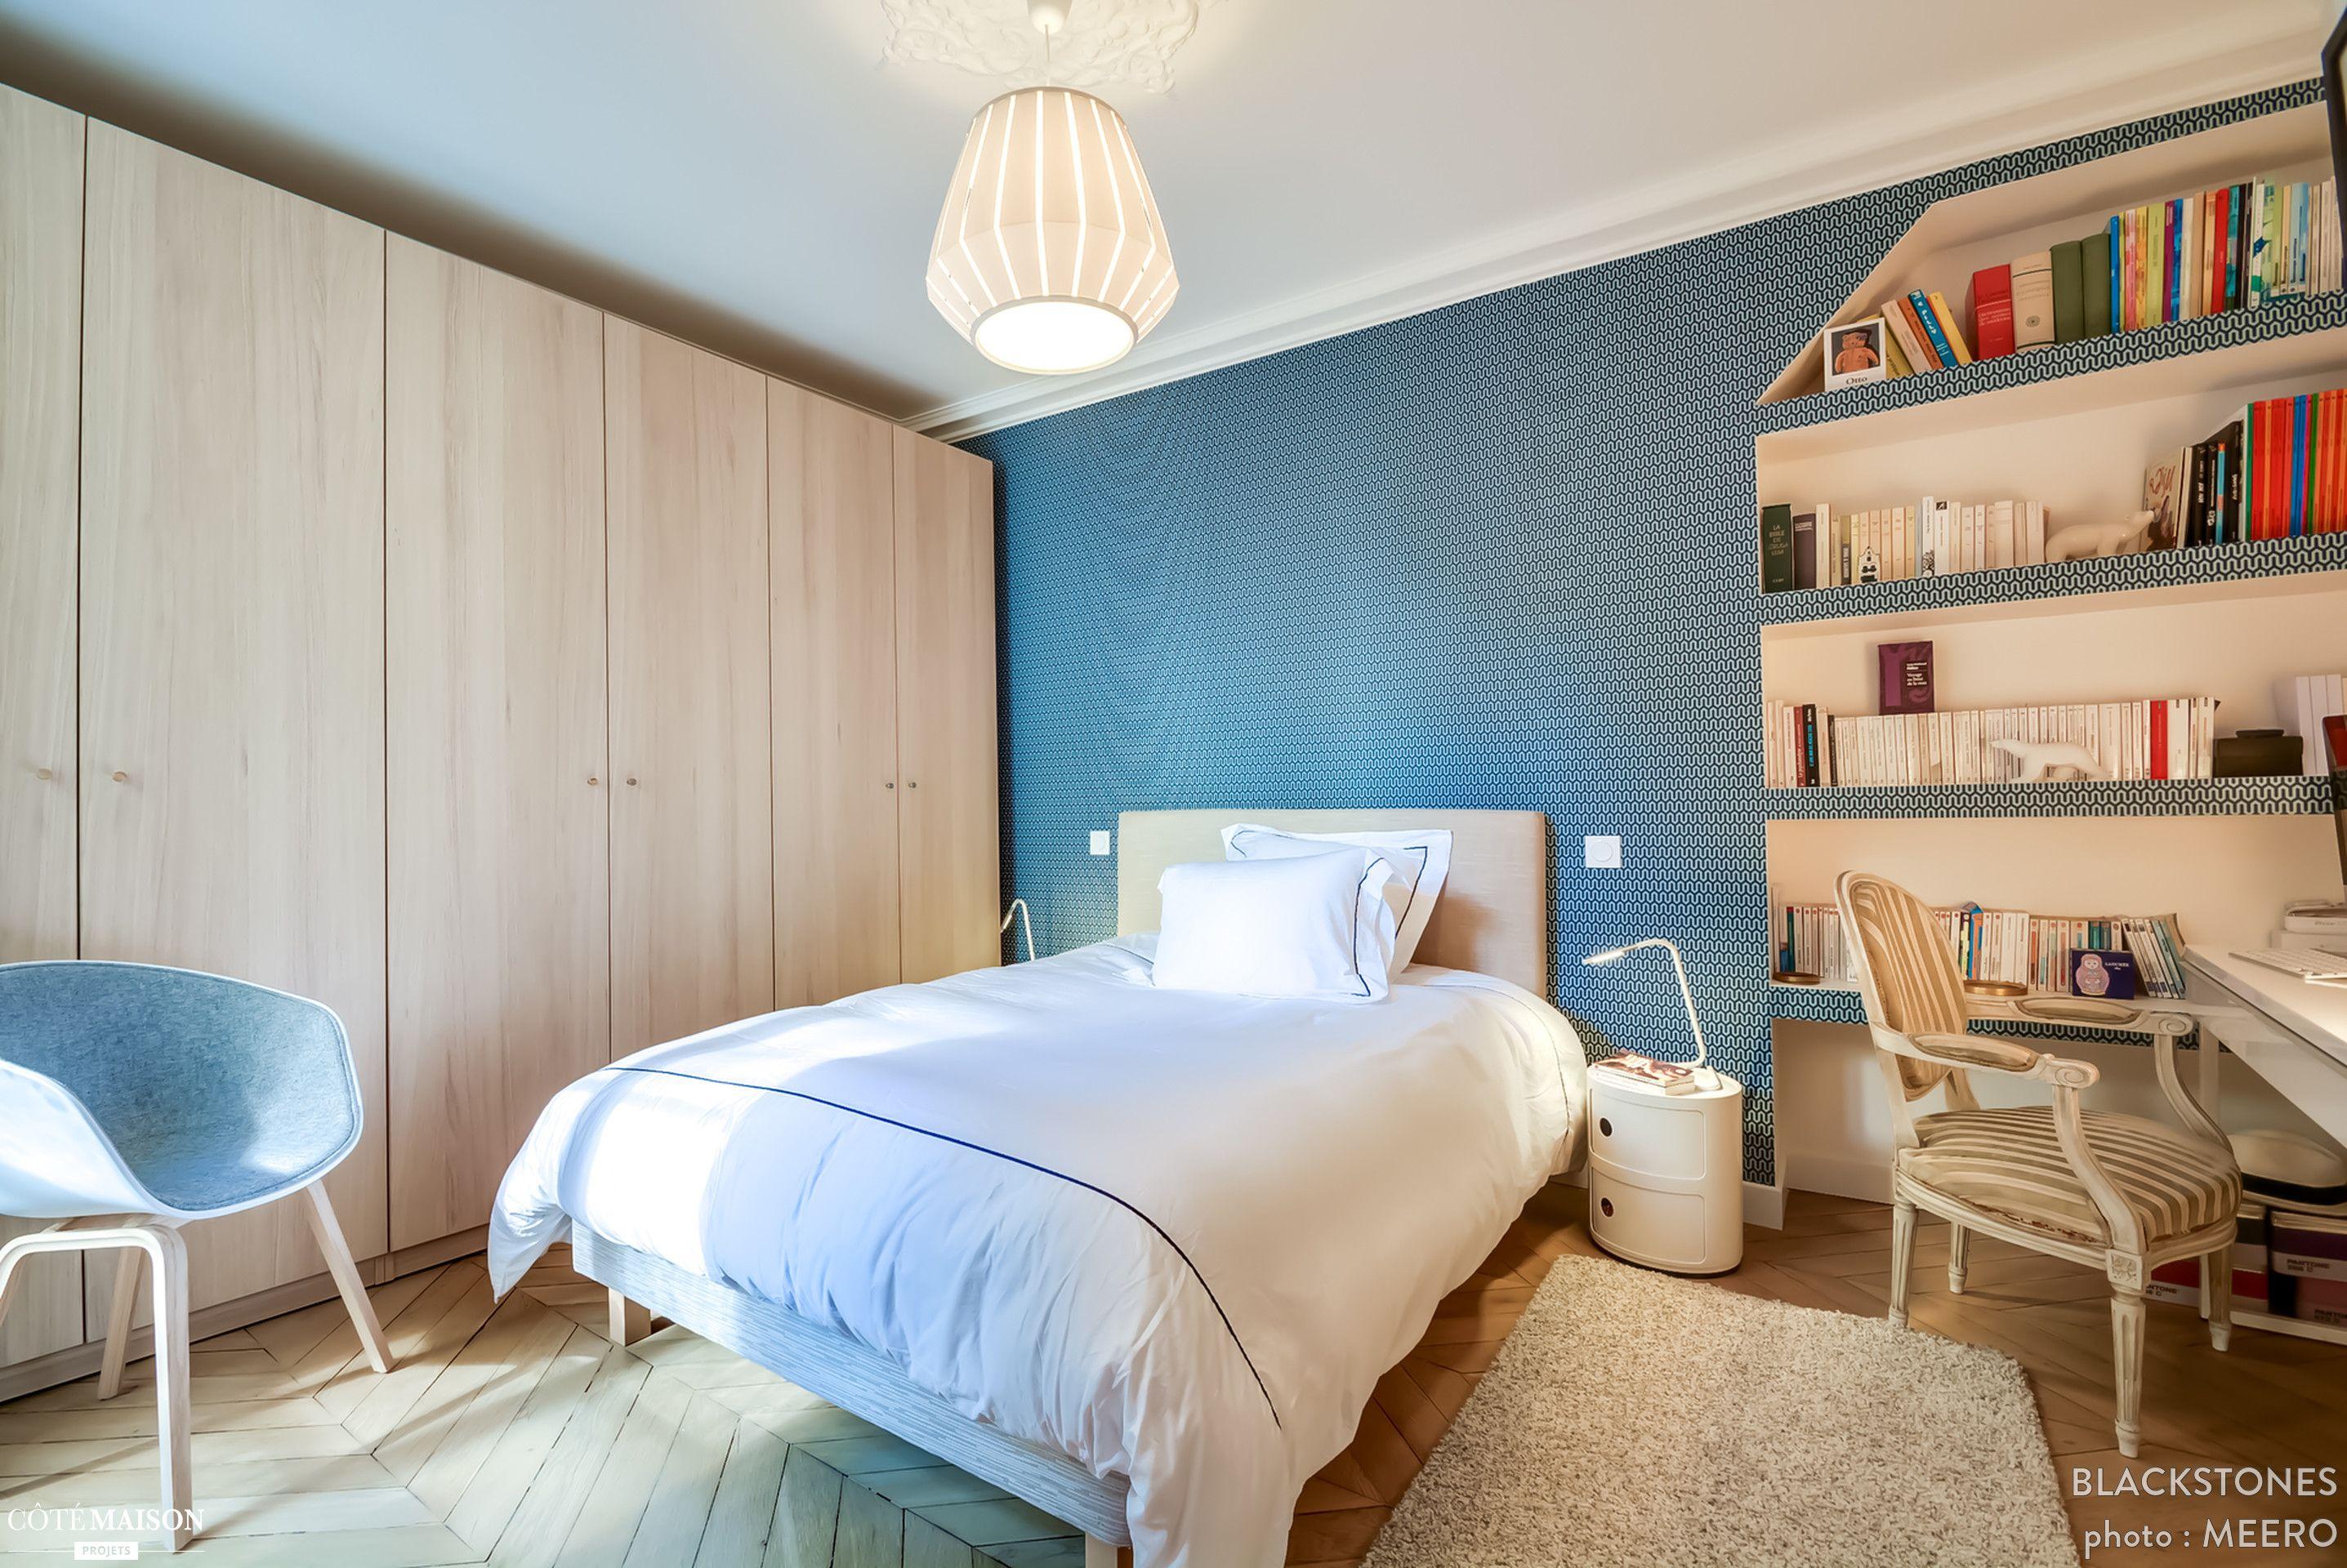 tapisserie bleu g om trique et parquet point de hongrie dans la chambre parentale murs color s. Black Bedroom Furniture Sets. Home Design Ideas